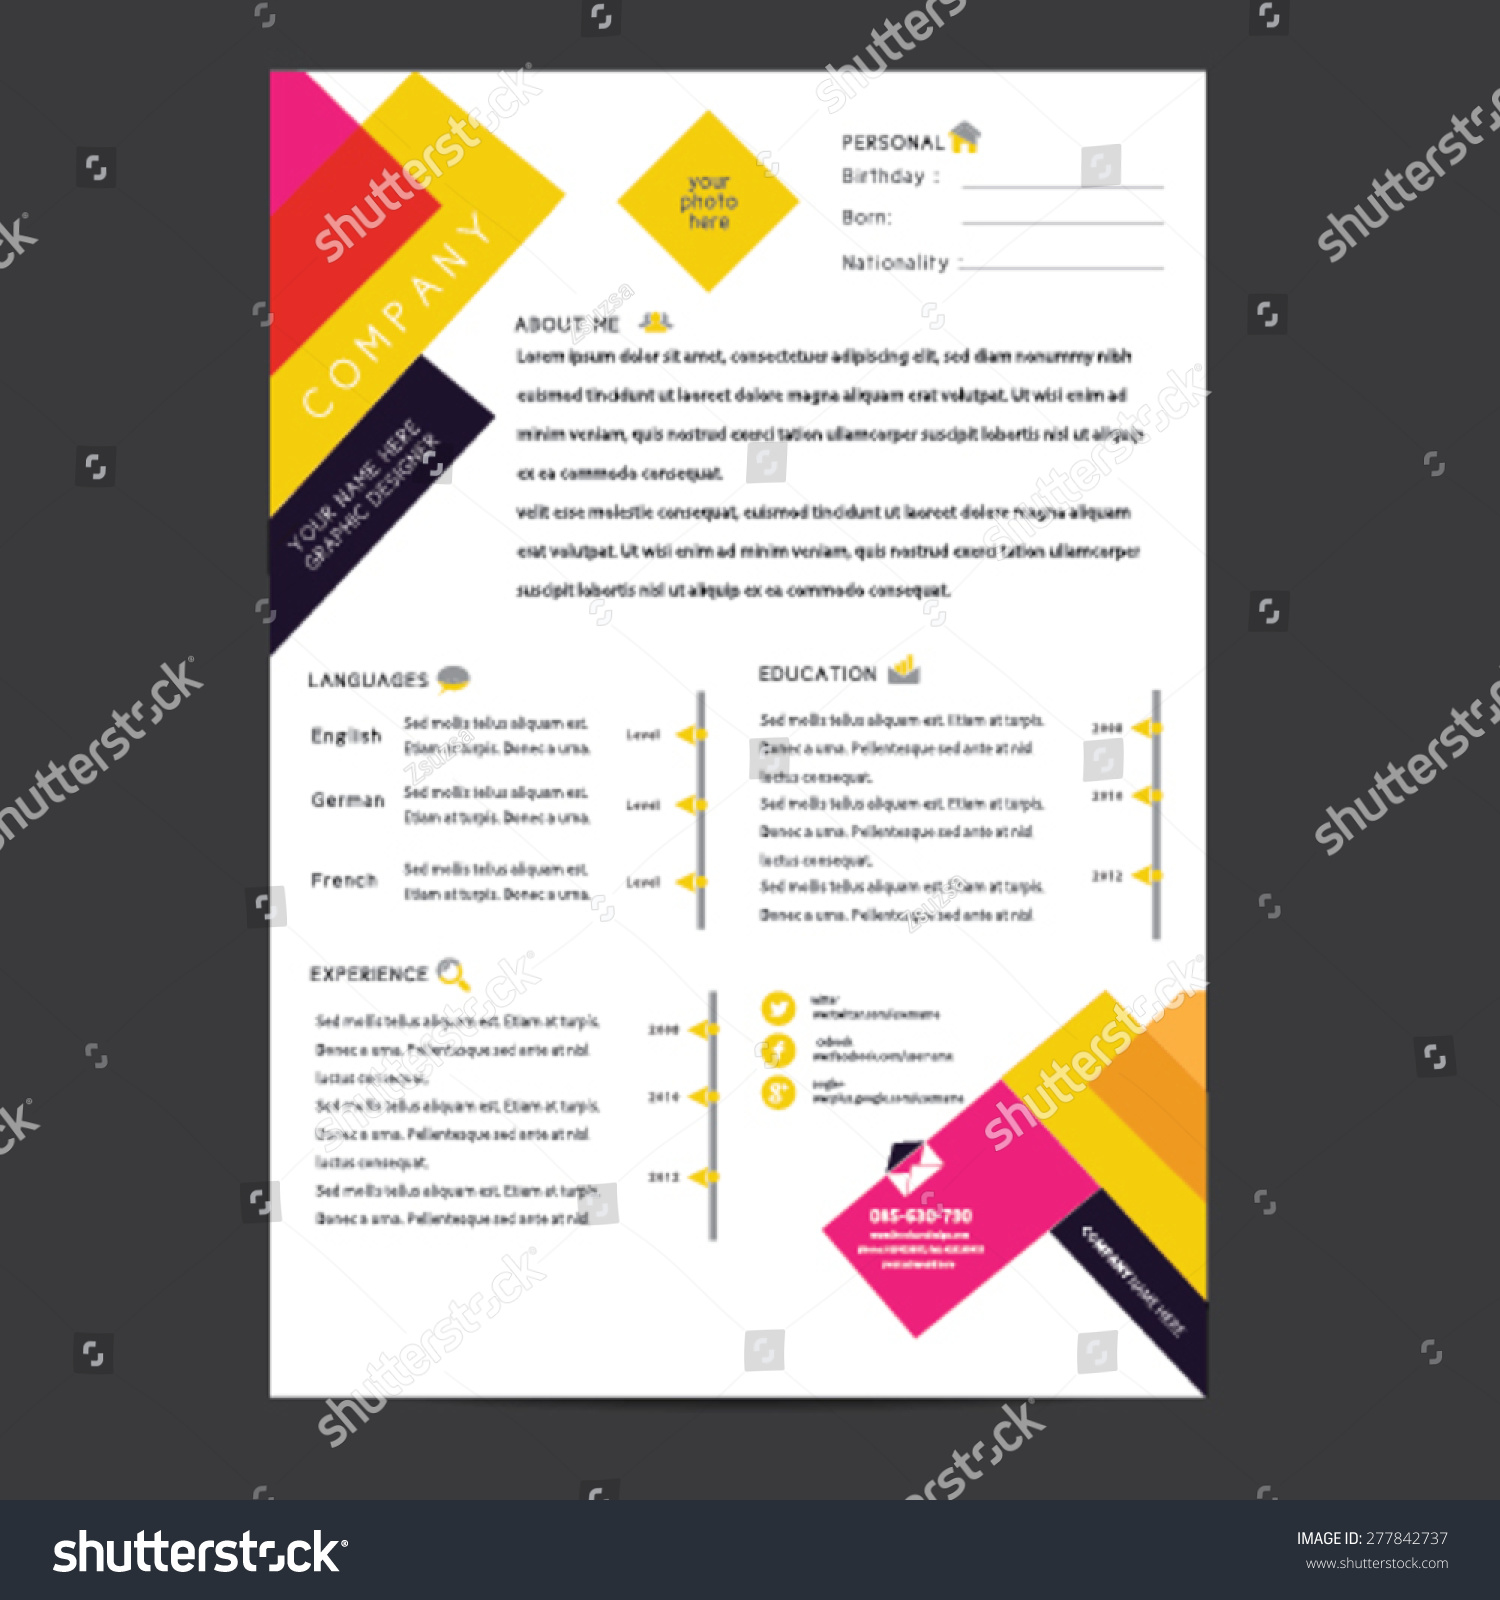 cv resume template vector - Cv Design Templates Vector